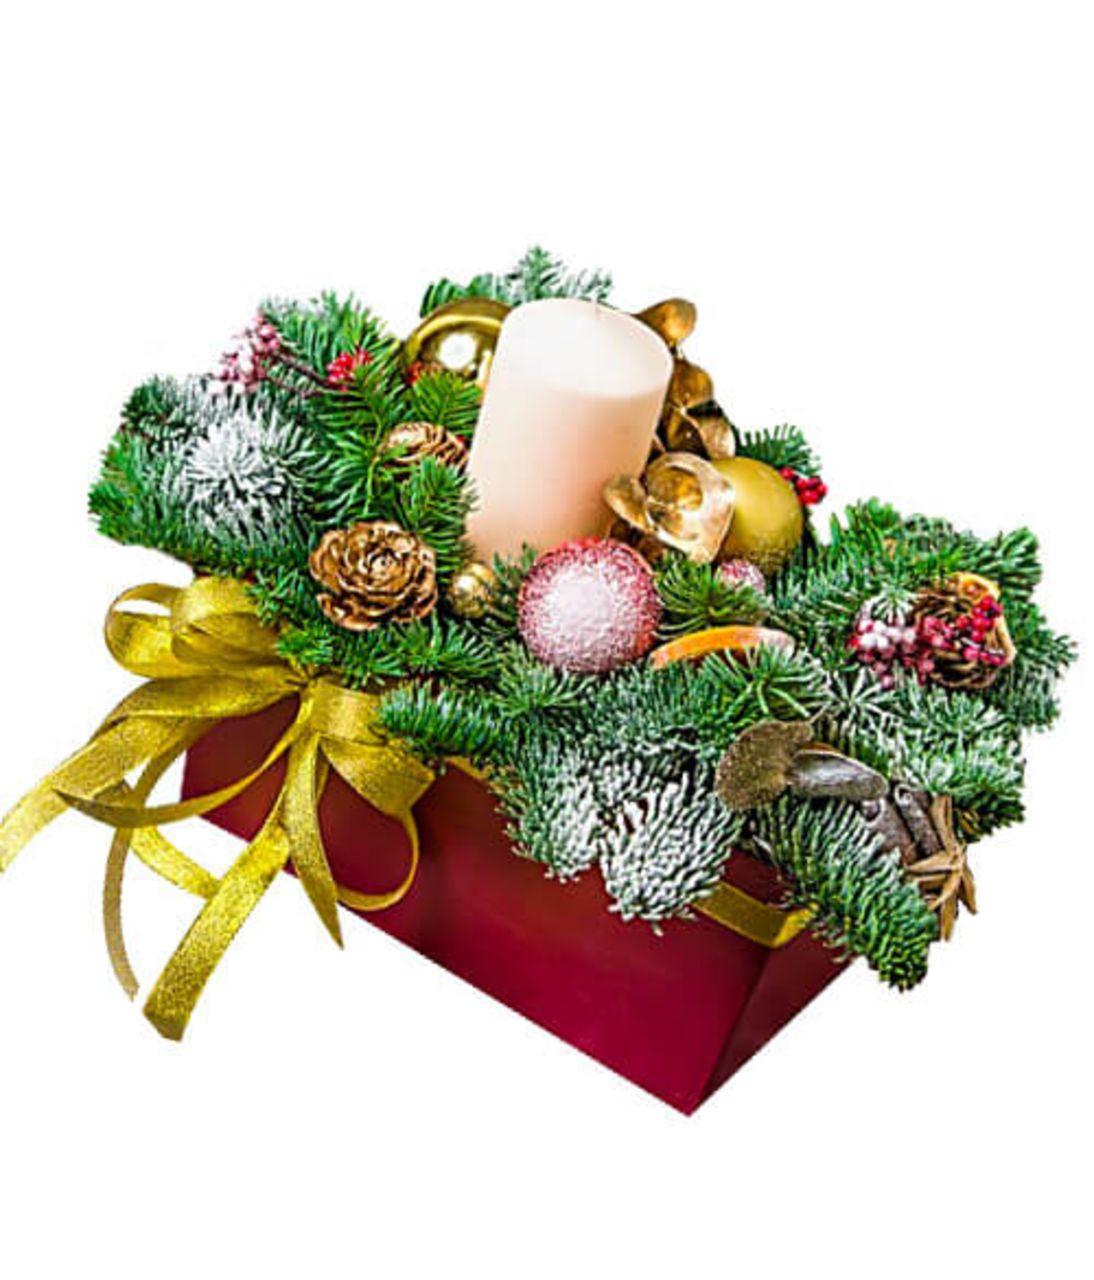 Рождественская композиция в коробке. superflowers.com.ua. Купить композицию к Рождеству